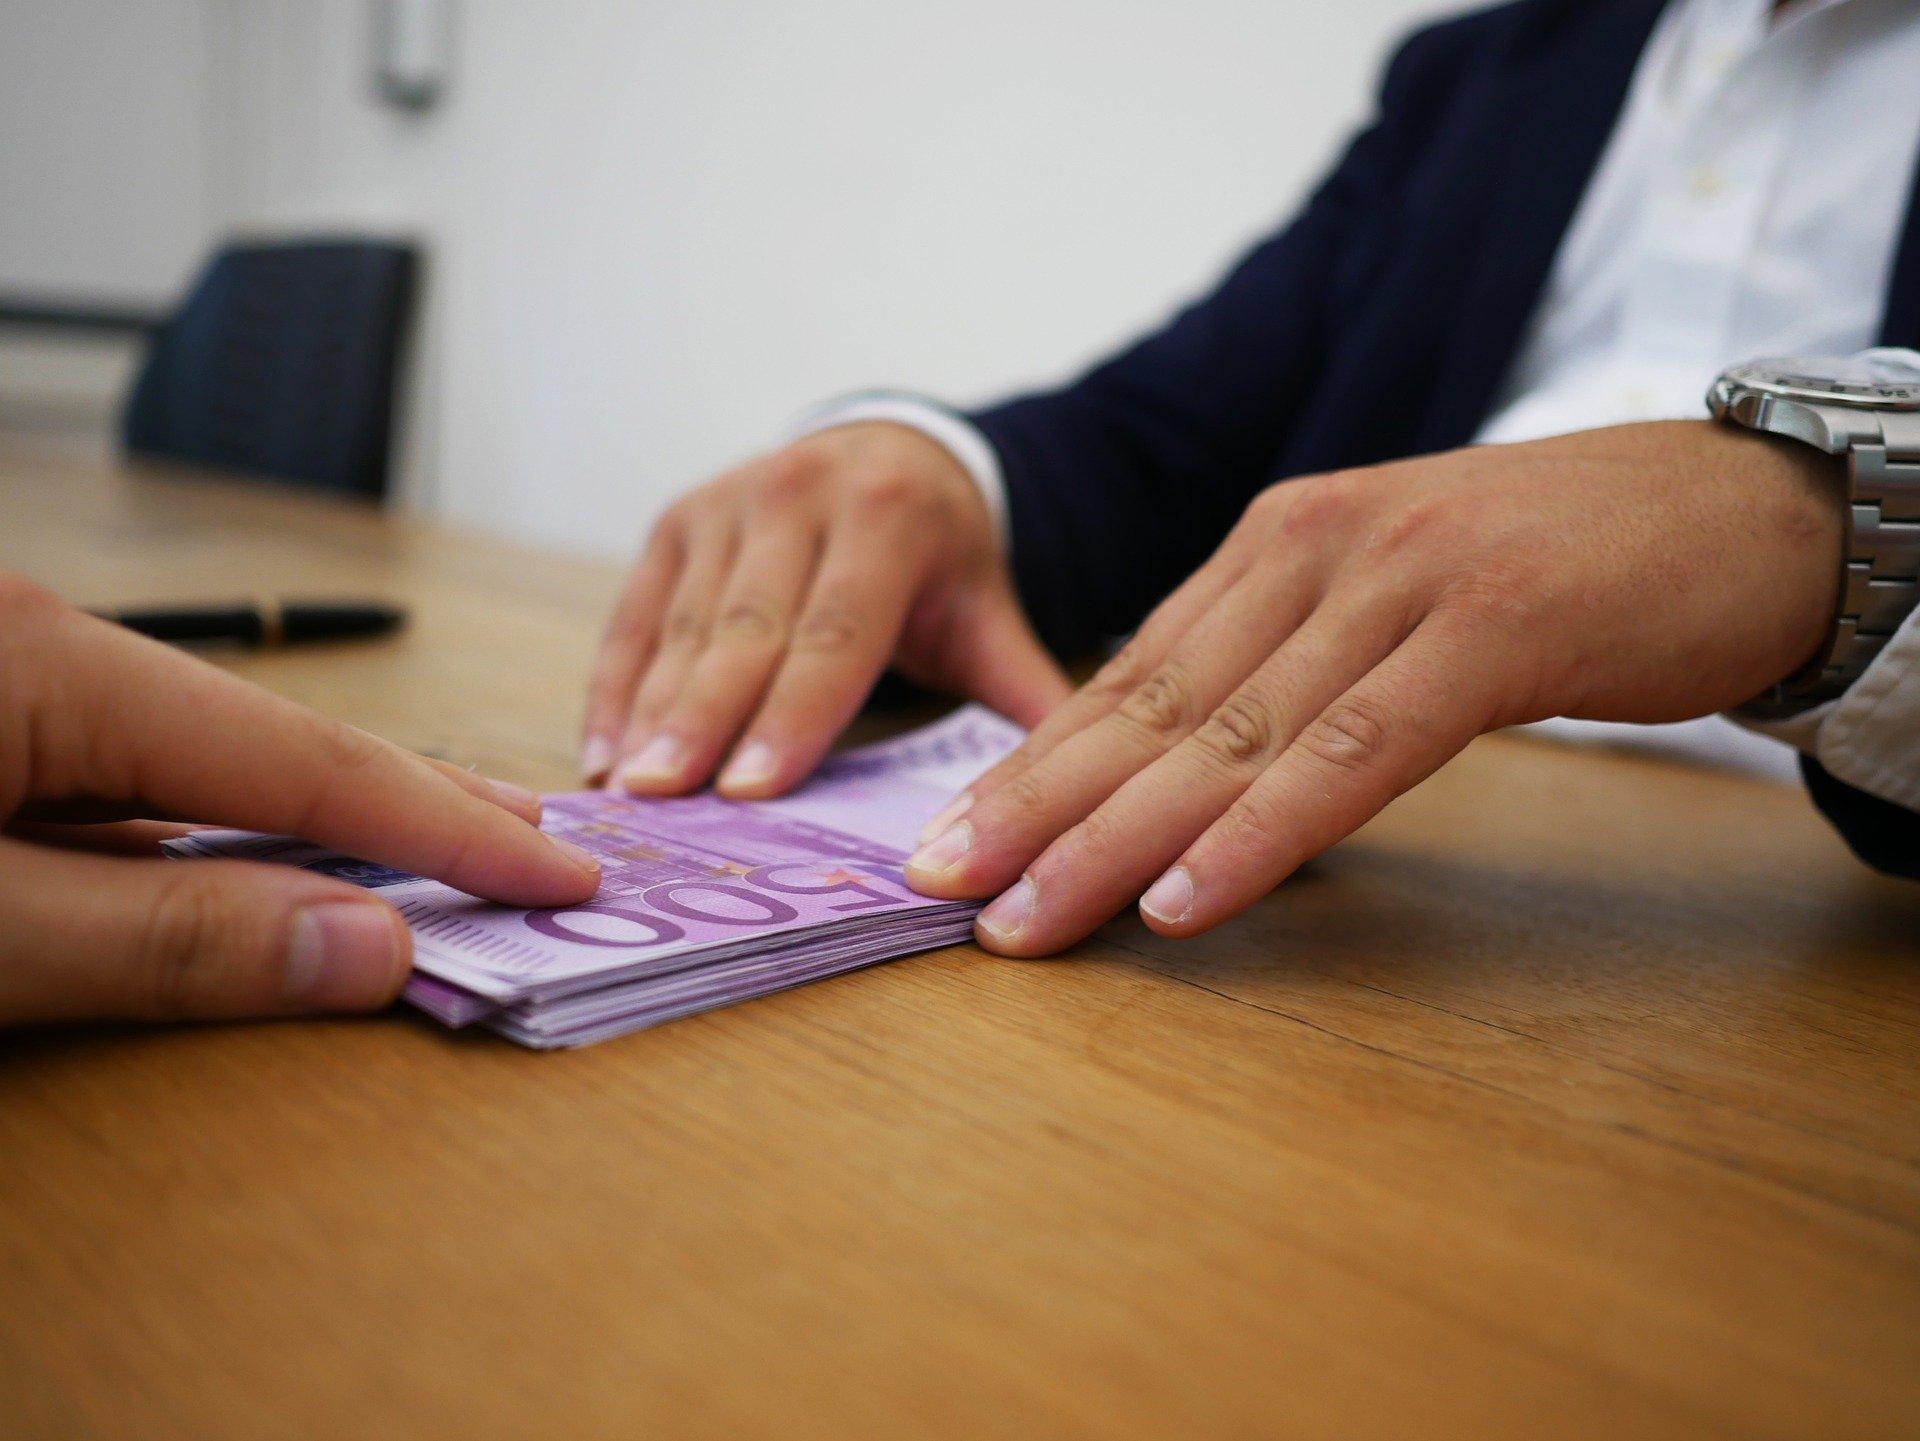 pożyczka dla zadłużonych bez bik